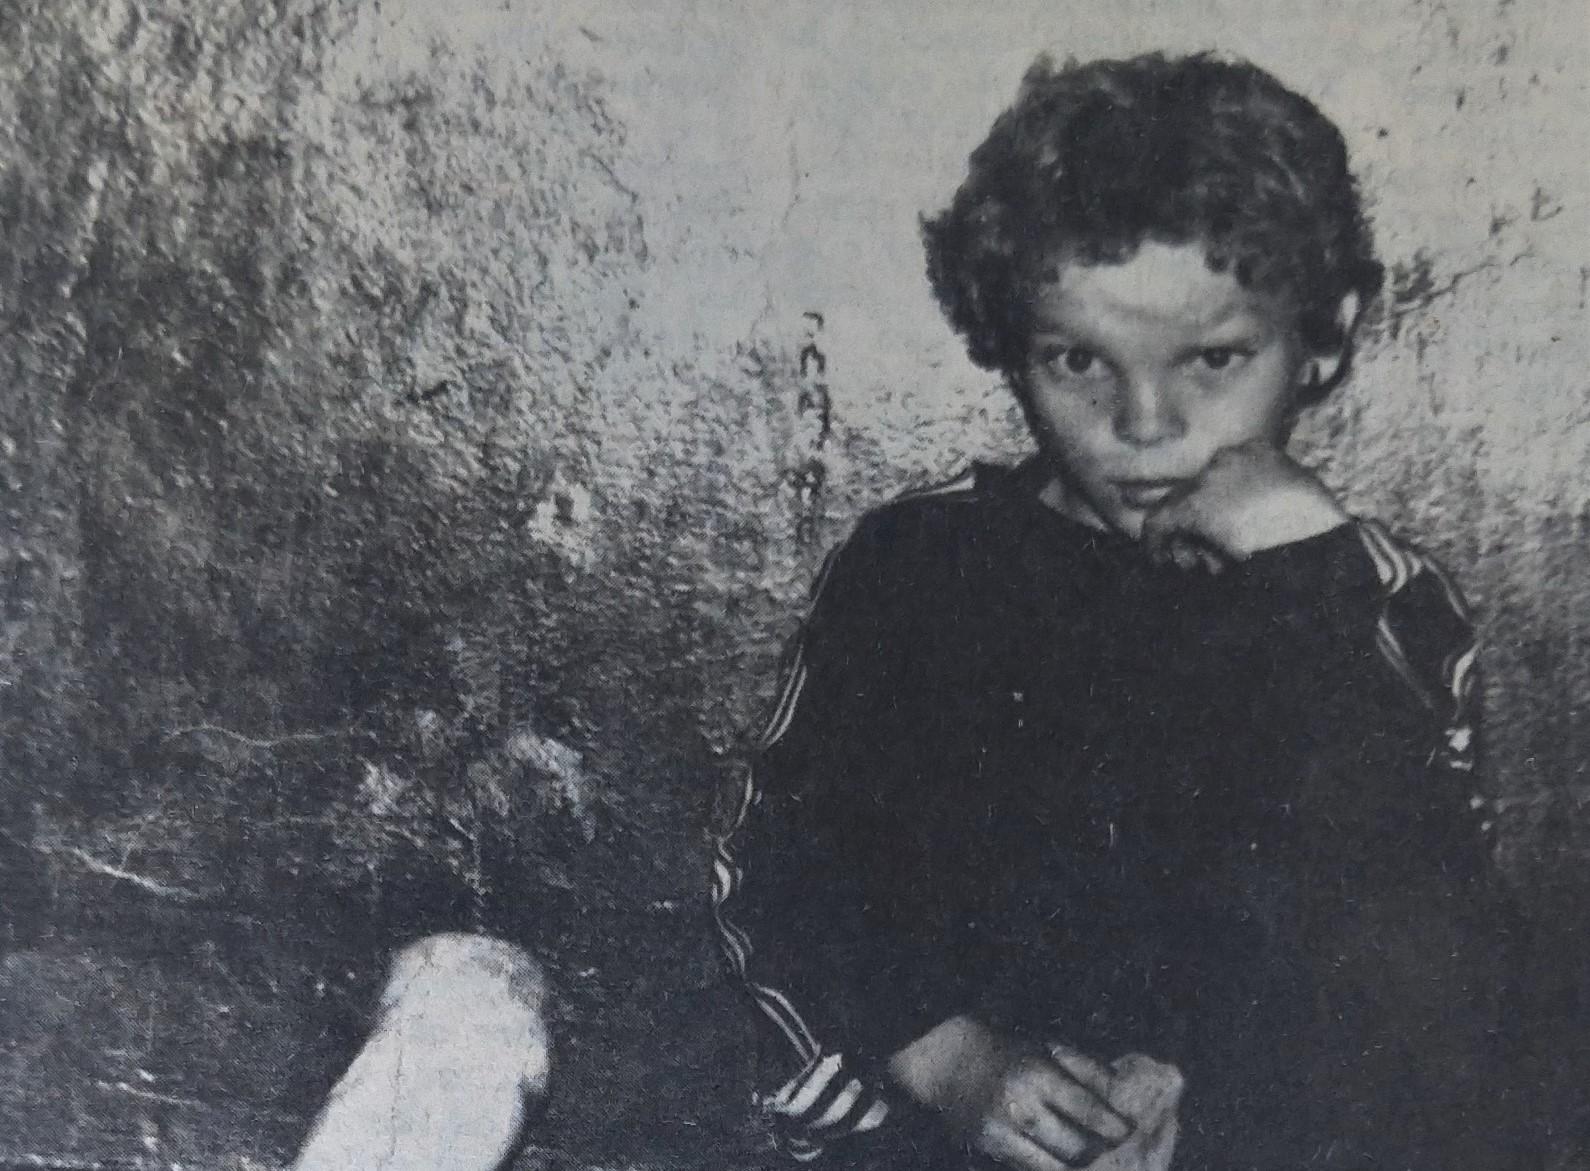 Garoto Wilson - 1985